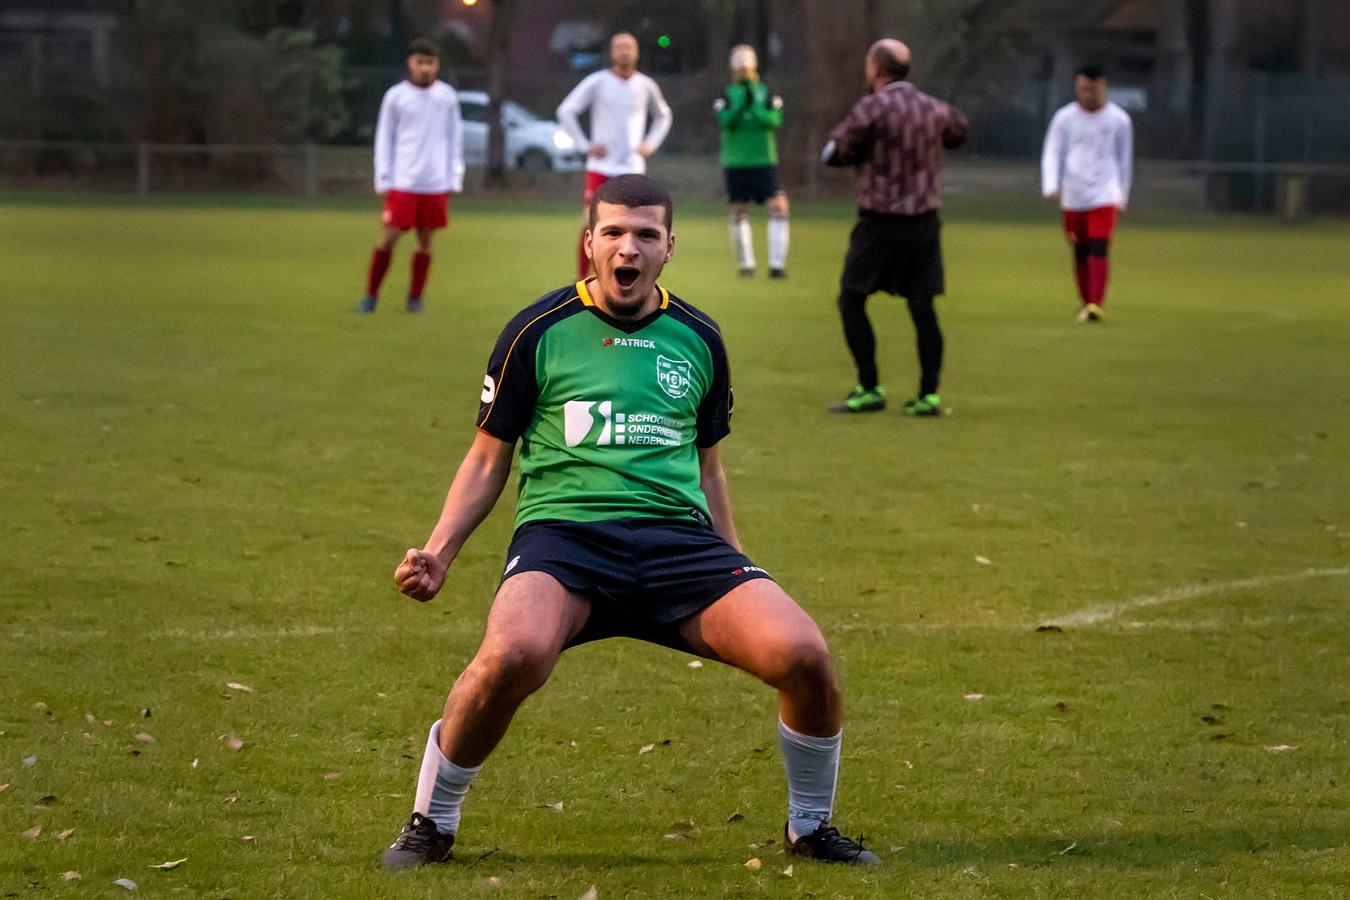 Ali Bouhajtaoui (groen shirt) had zondagmiddag genoeg reden tot juichen. Zijn PCP pakte de titel in de zondag vijfde klasse B.